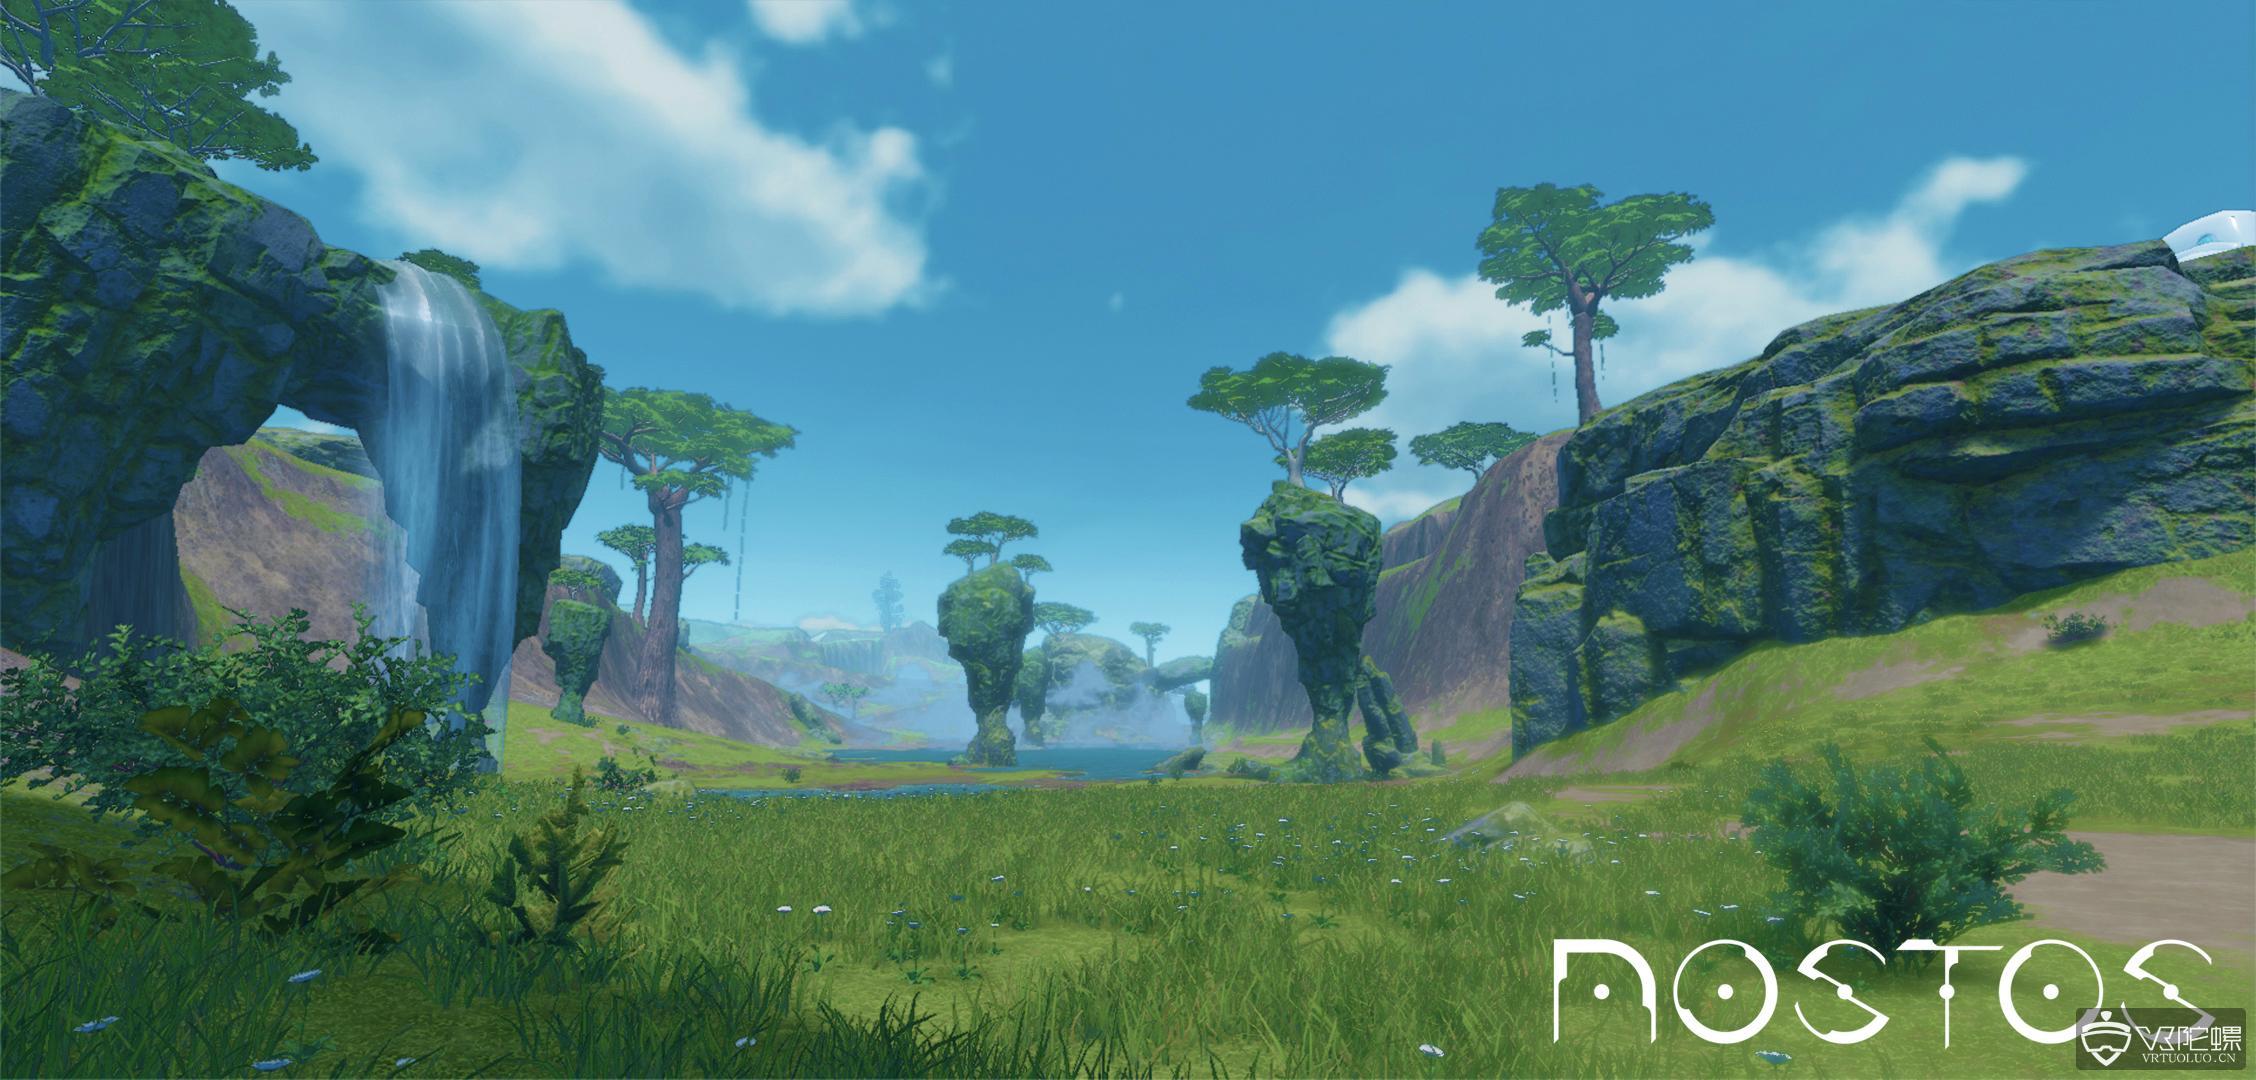 开放世界VR游戏《Nostos(故土)》今日开启技术封测资格预约